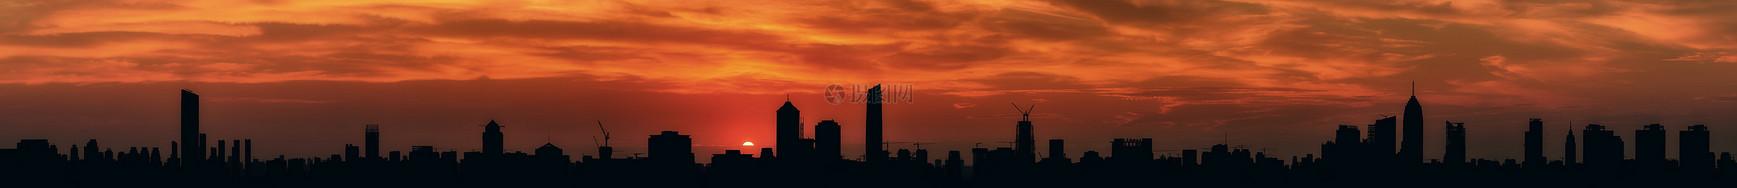 城市风光日落剪影全景图片